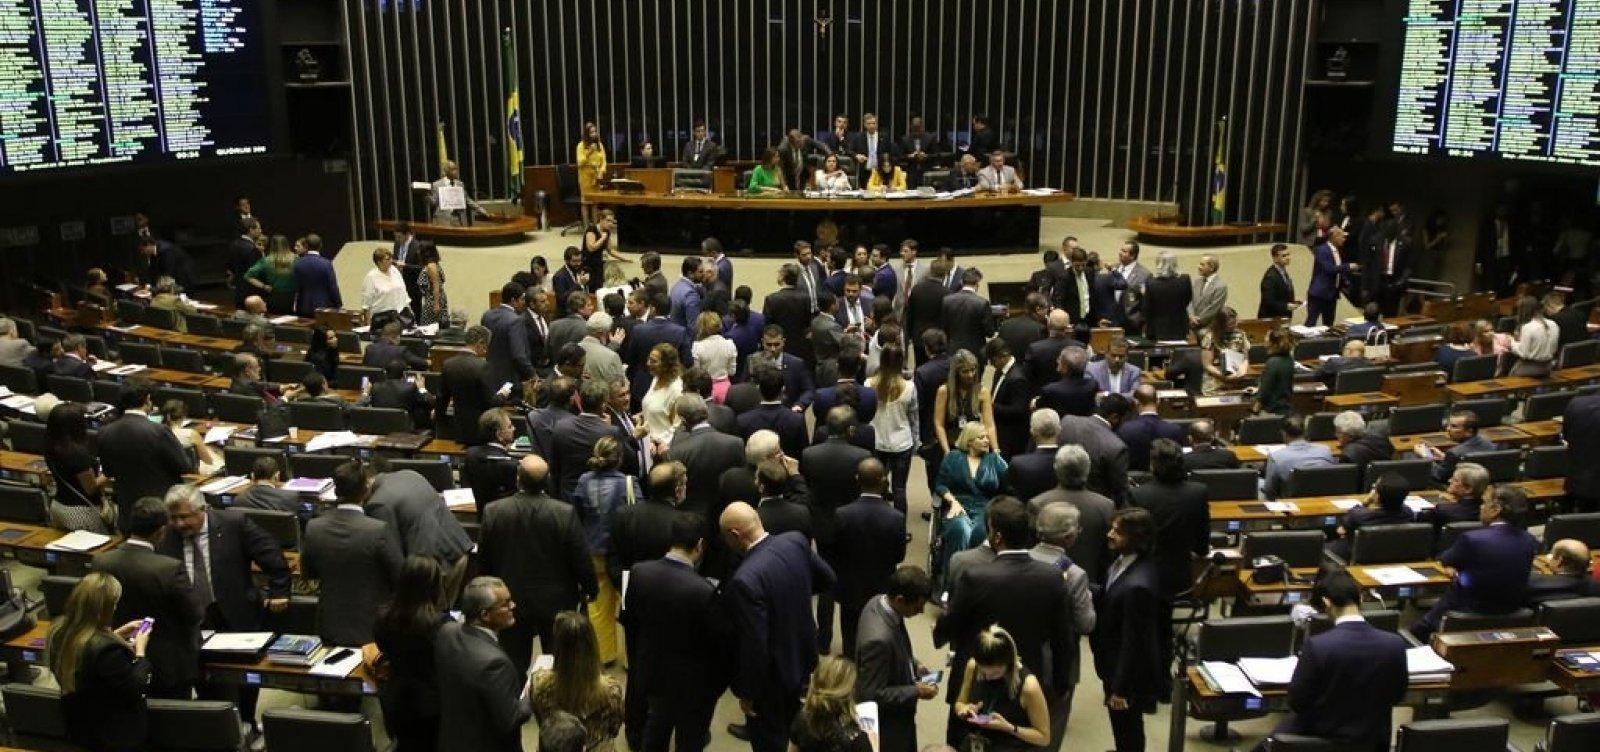 Câmara dos Deputados inicia debates sobre possível adiamento das eleições municipais